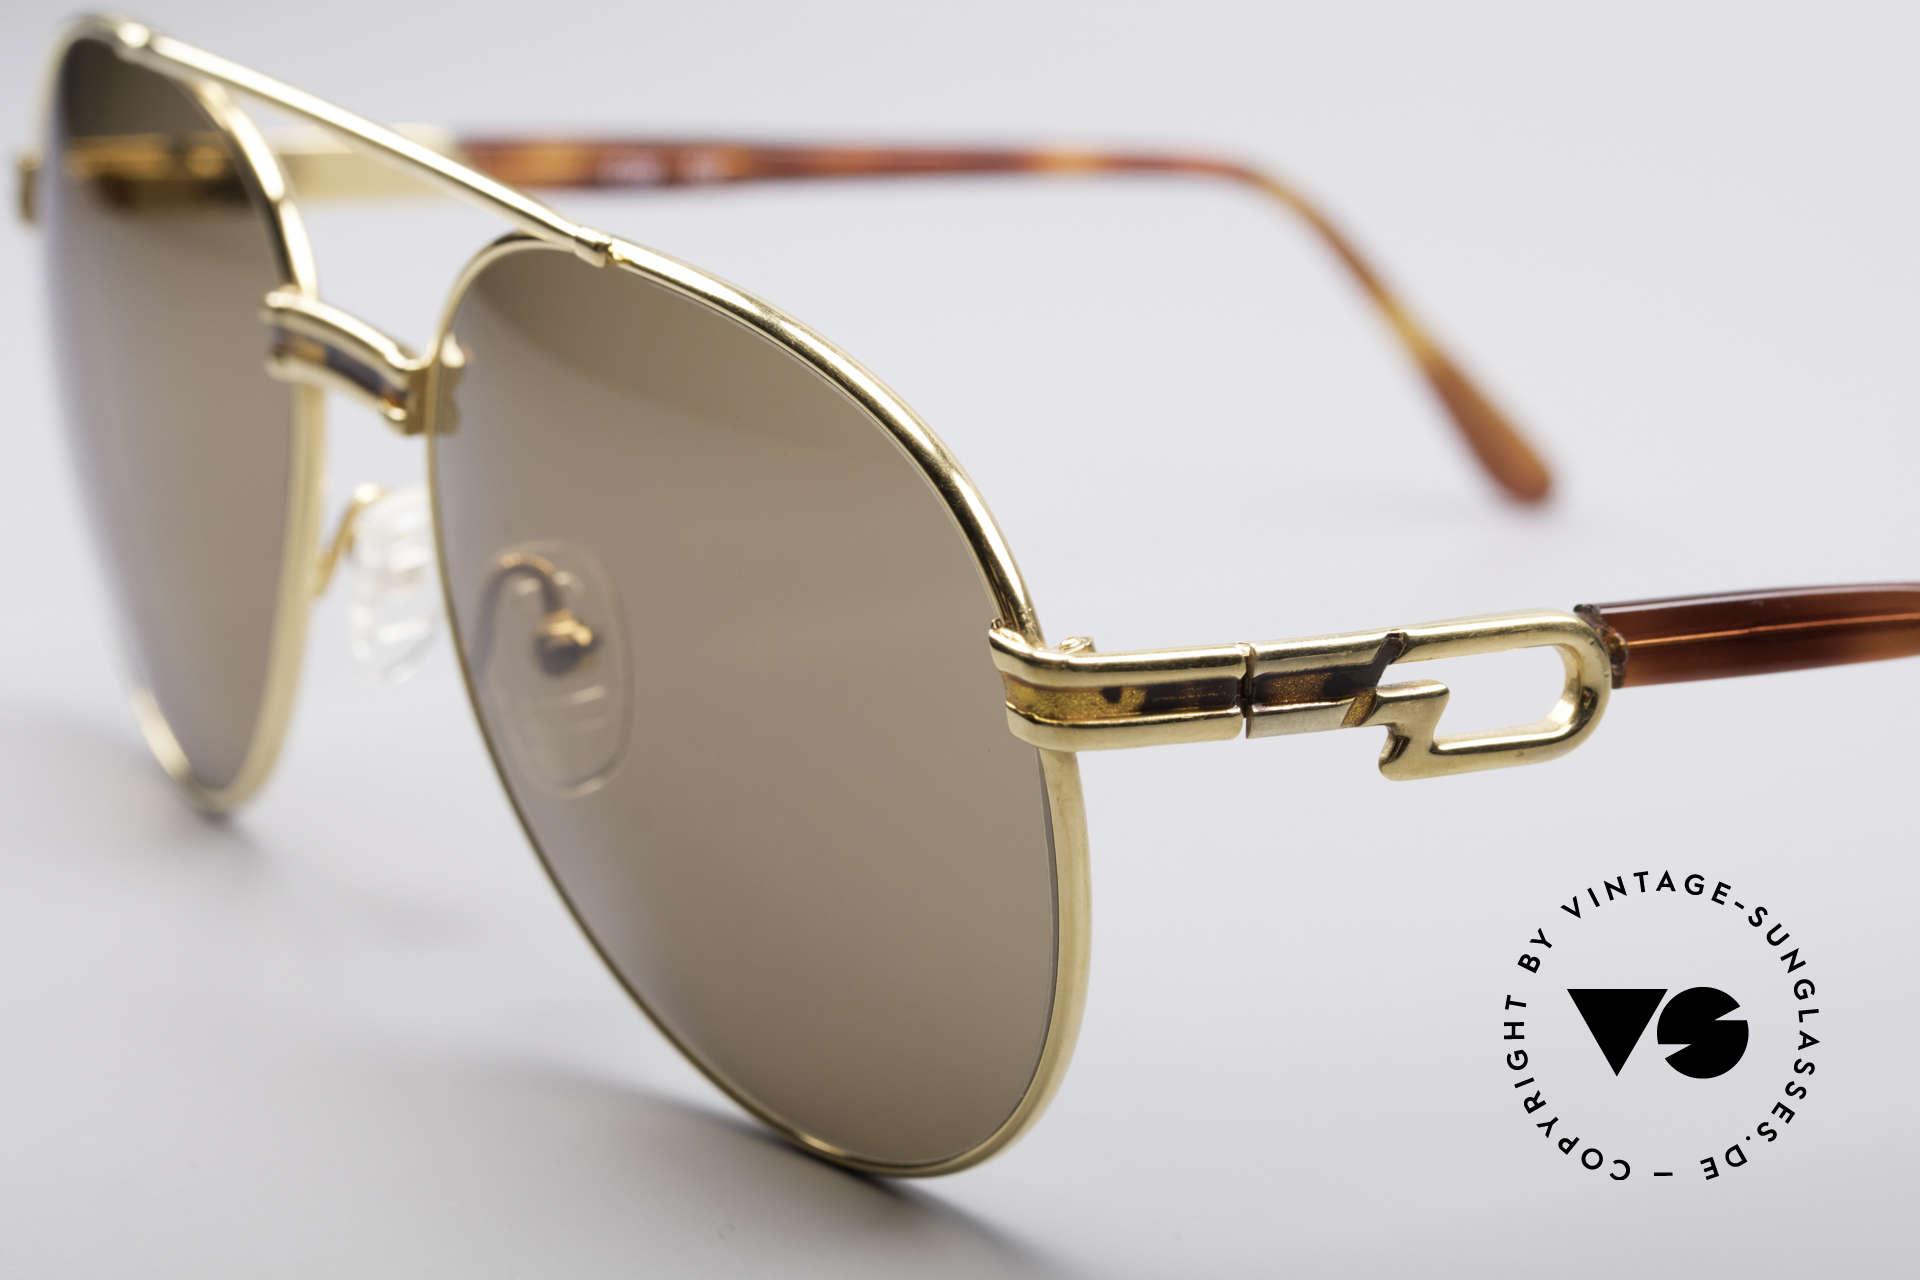 Derapage D2 Vintage No Retro Brille, ungetragen (wie all unsere Derapage vintage Klassiker), Passend für Herren